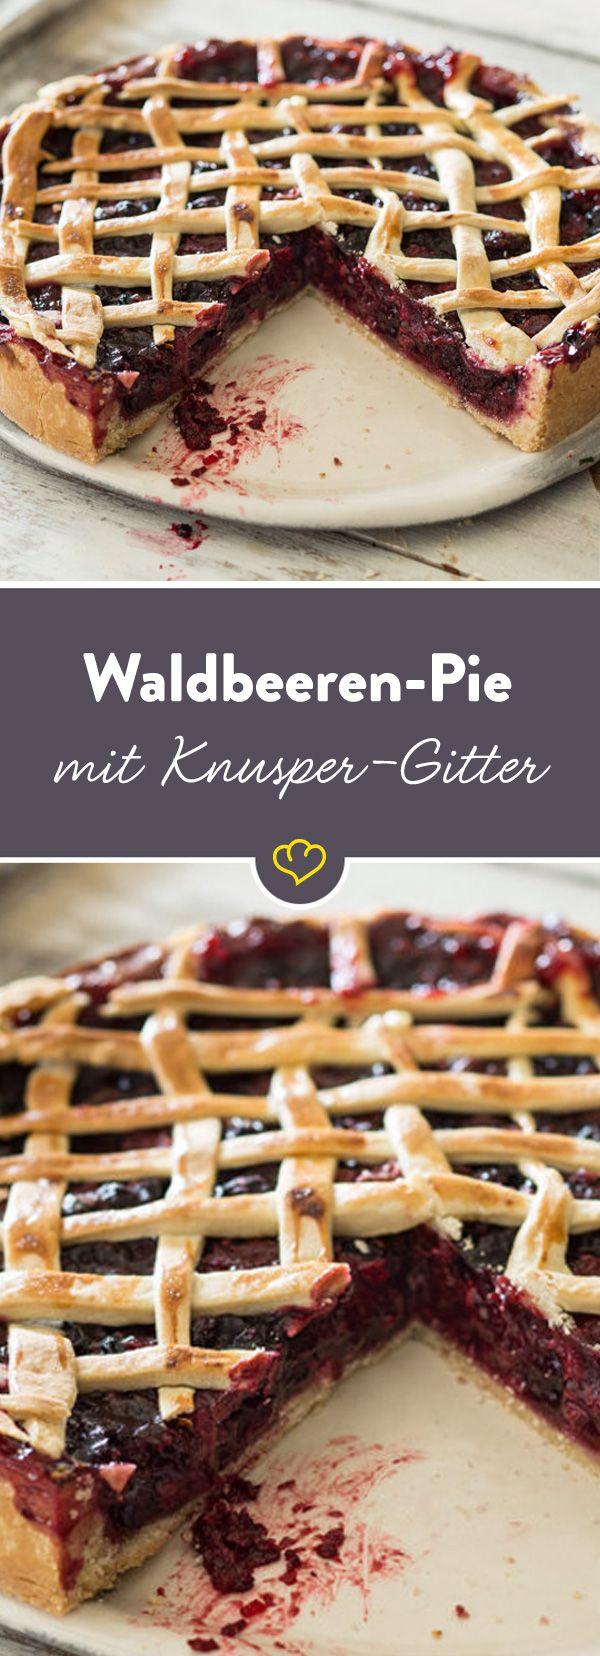 Ein hübscher Knusper-Pie mit einer Extraportion Beeren und einem schicken Gitter obendrauf. Macht ganz schön was her auf der Kaffeetafel.